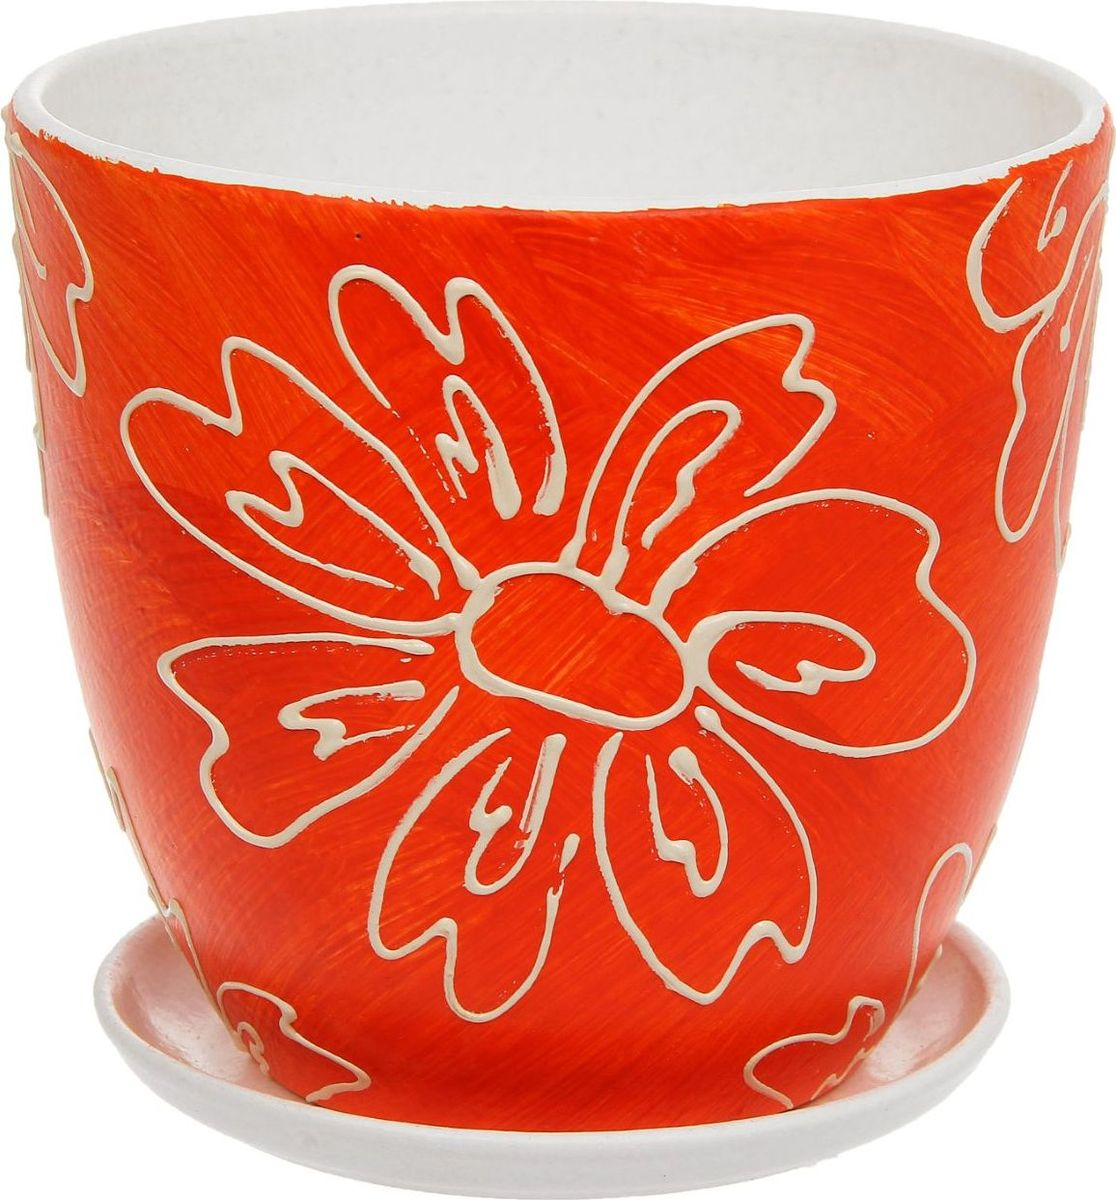 Кашпо Оранж, 2,6 л1138664Комнатные растения — всеобщие любимцы. Они радуют глаз, насыщают помещение кислородом и украшают пространство. Каждому из них необходим свой удобный и красивый дом. Кашпо из керамики прекрасно подходят для высадки растений: за счёт пластичности глины и разных способов обработки существует великое множество форм и дизайновпористый материал позволяет испаряться лишней влагевоздух, необходимый для дыхания корней, проникает сквозь керамические стенки! #name# позаботится о зелёном питомце, освежит интерьер и подчеркнёт его стиль.